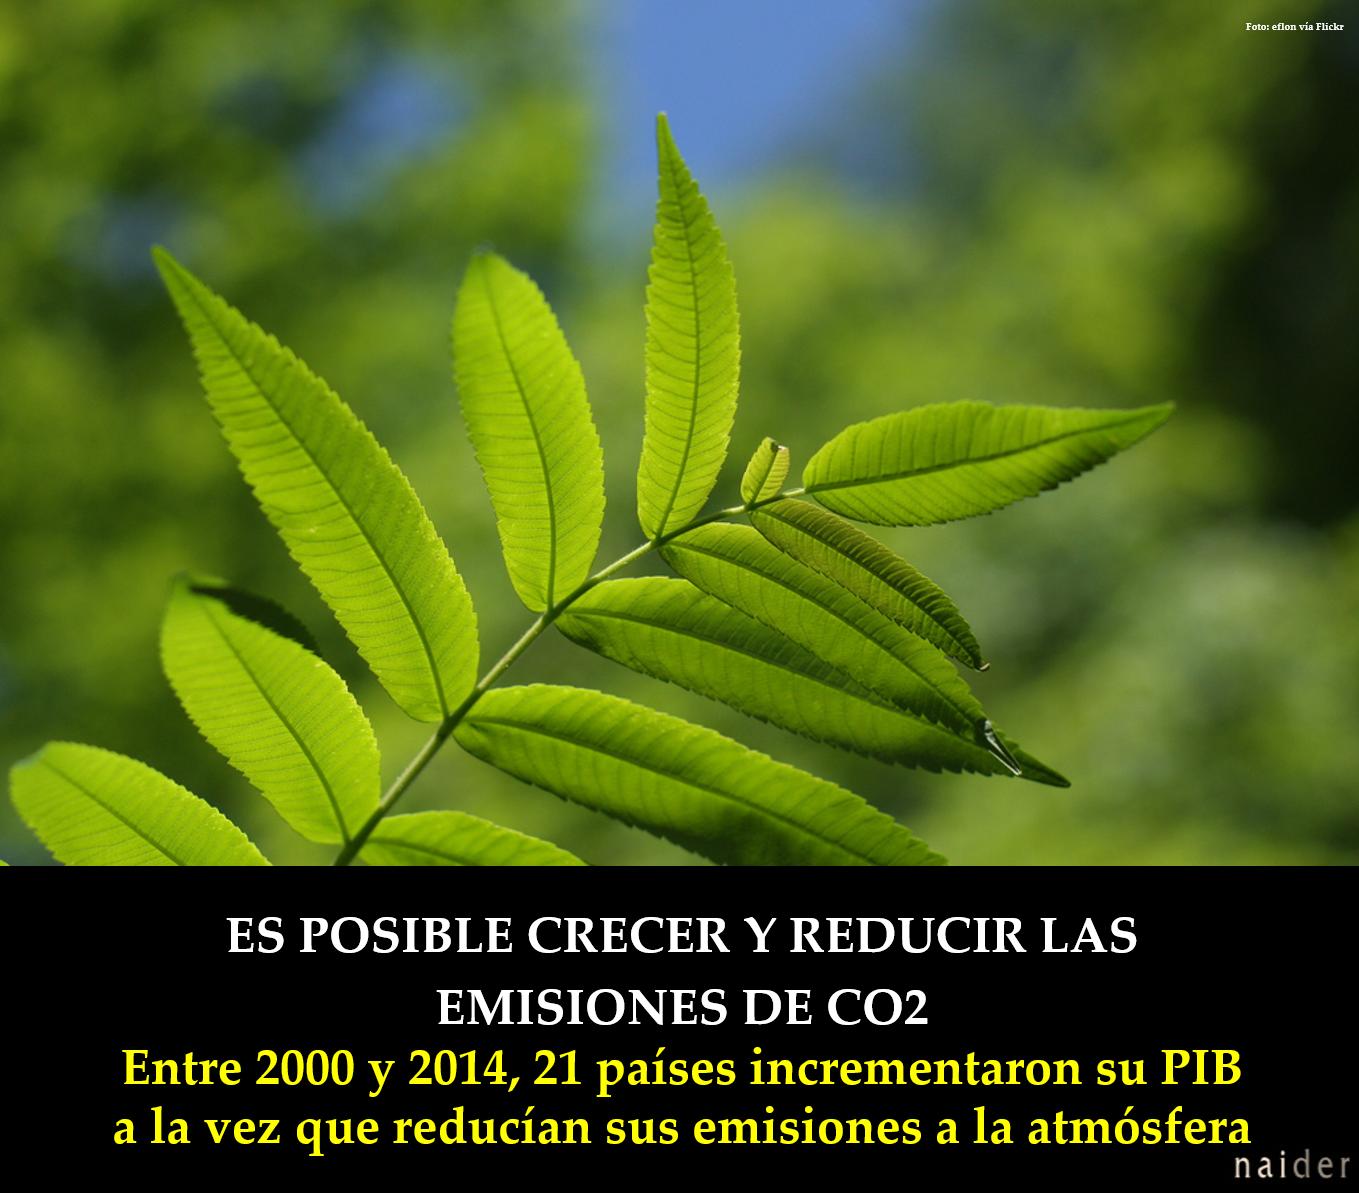 Es posible crecer y reducir las emisiones infopost